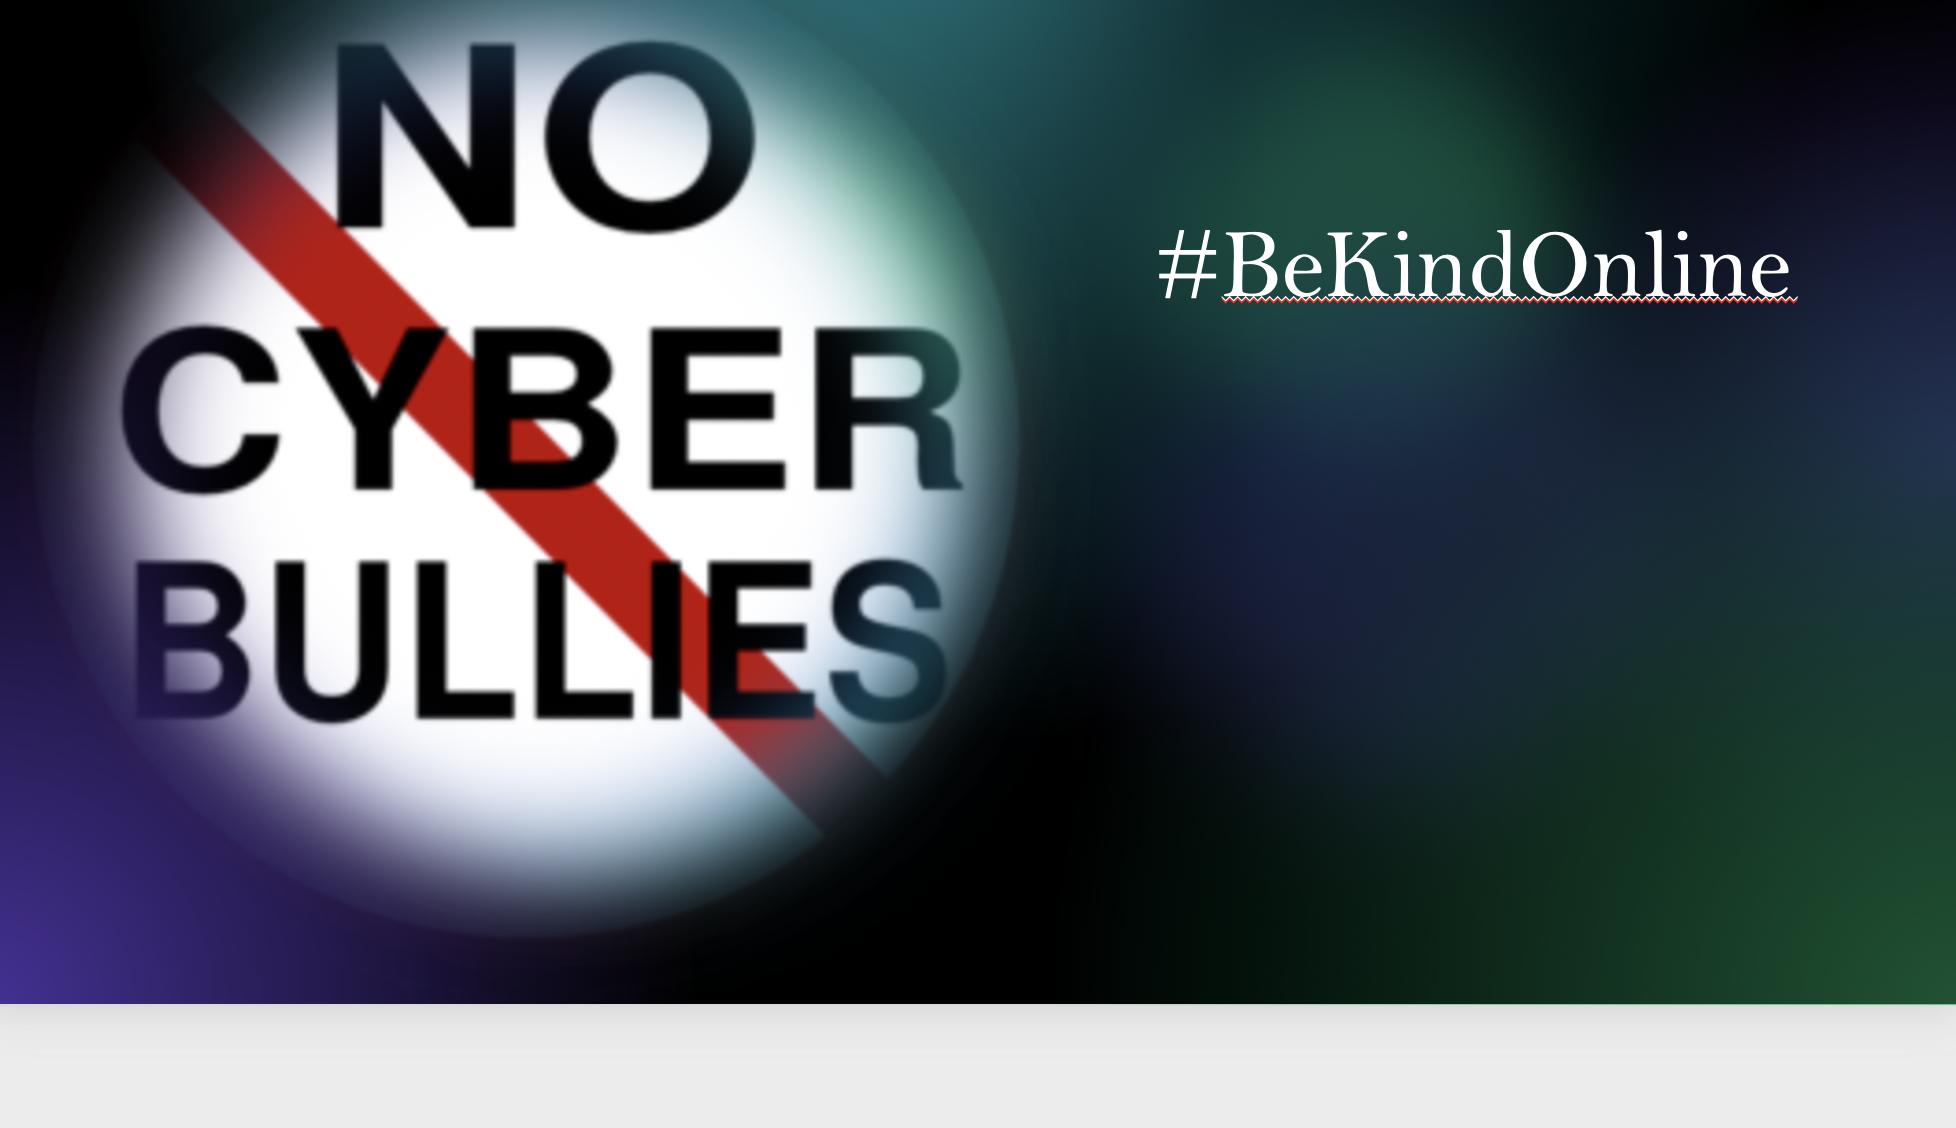 Prevent Online Bullying